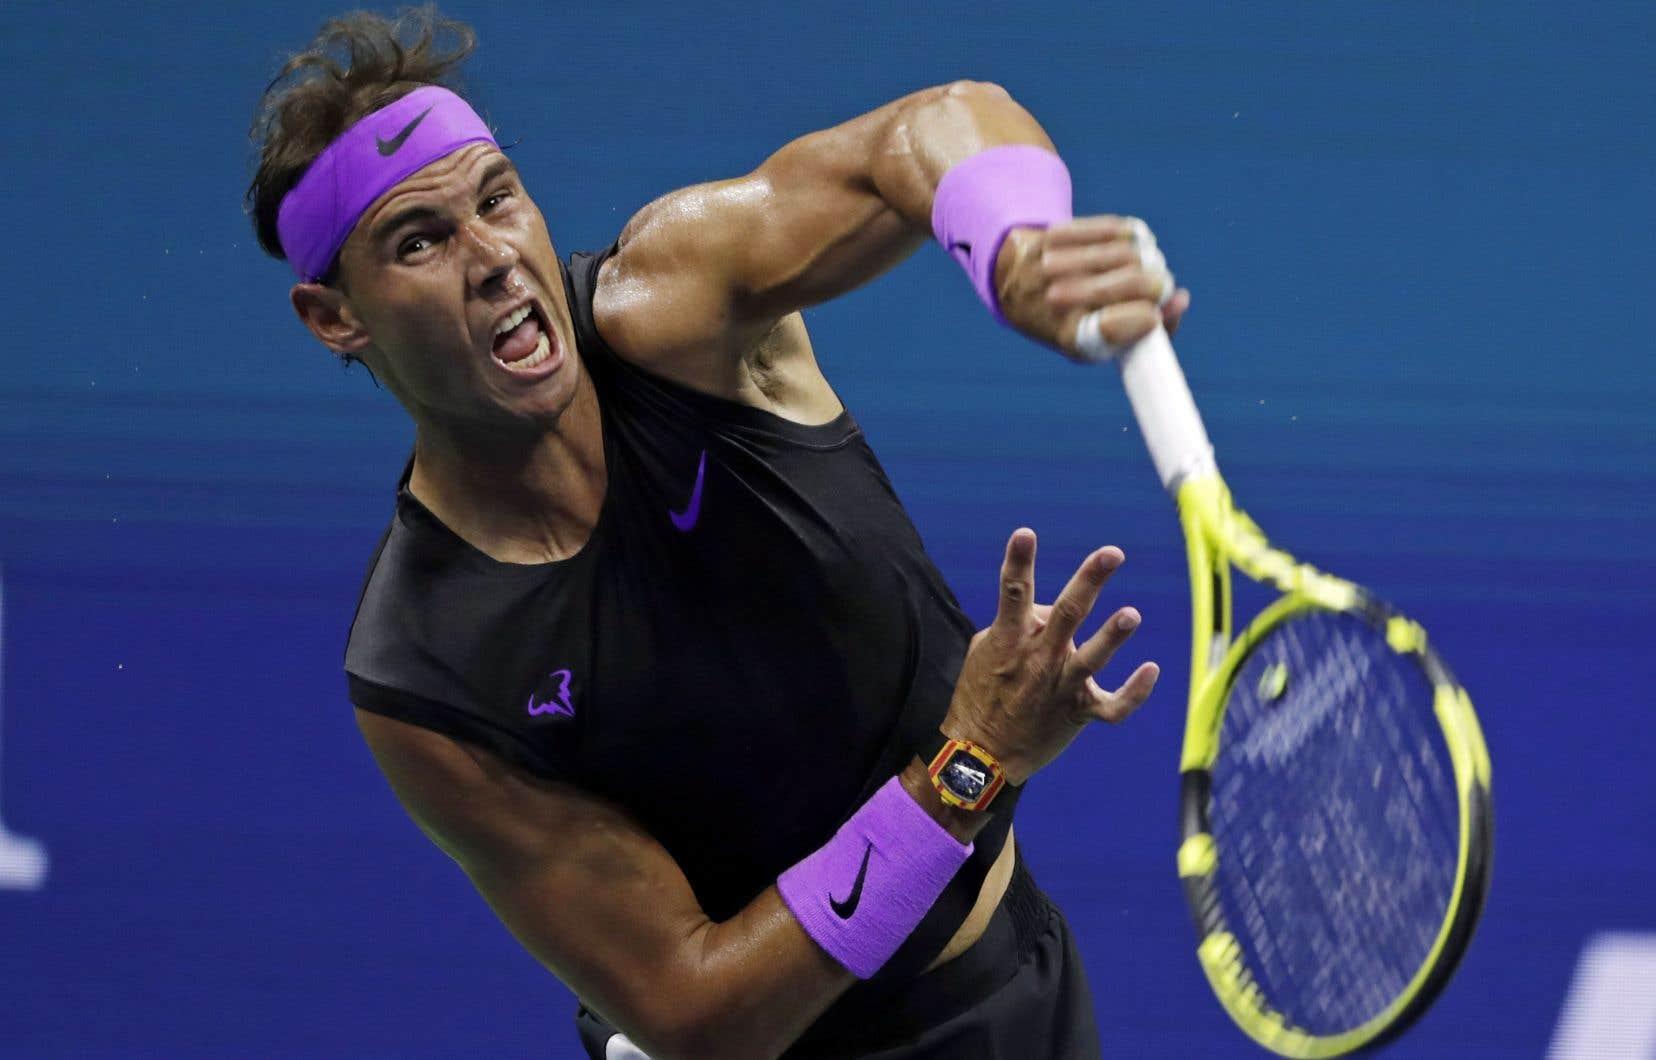 Rafael Nadal a atteint les demi-finales des quatre tournois du Grand Chelem en 2019.